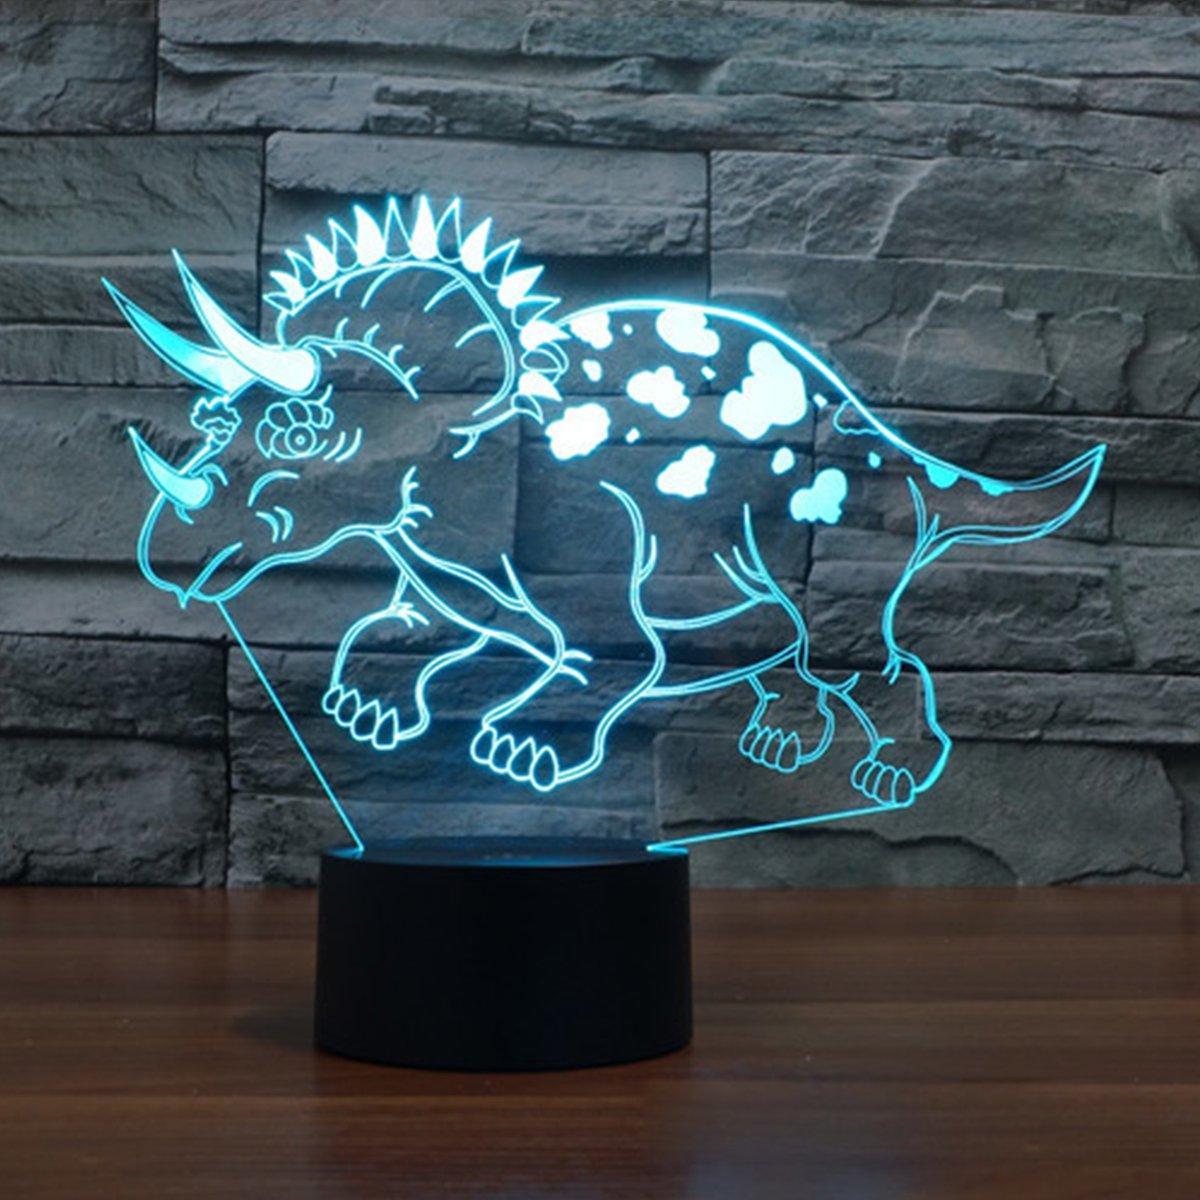 3D Lampe Illusion Optique LED Veilleuse, EASEHOME Optiques Illusions Lampe de Nuit 7 Couleurs Tactile Lampe de Chevet Chambre Table Art Déco Enfant Lumière de Nuit avec Câble USB, Dinosaure-1